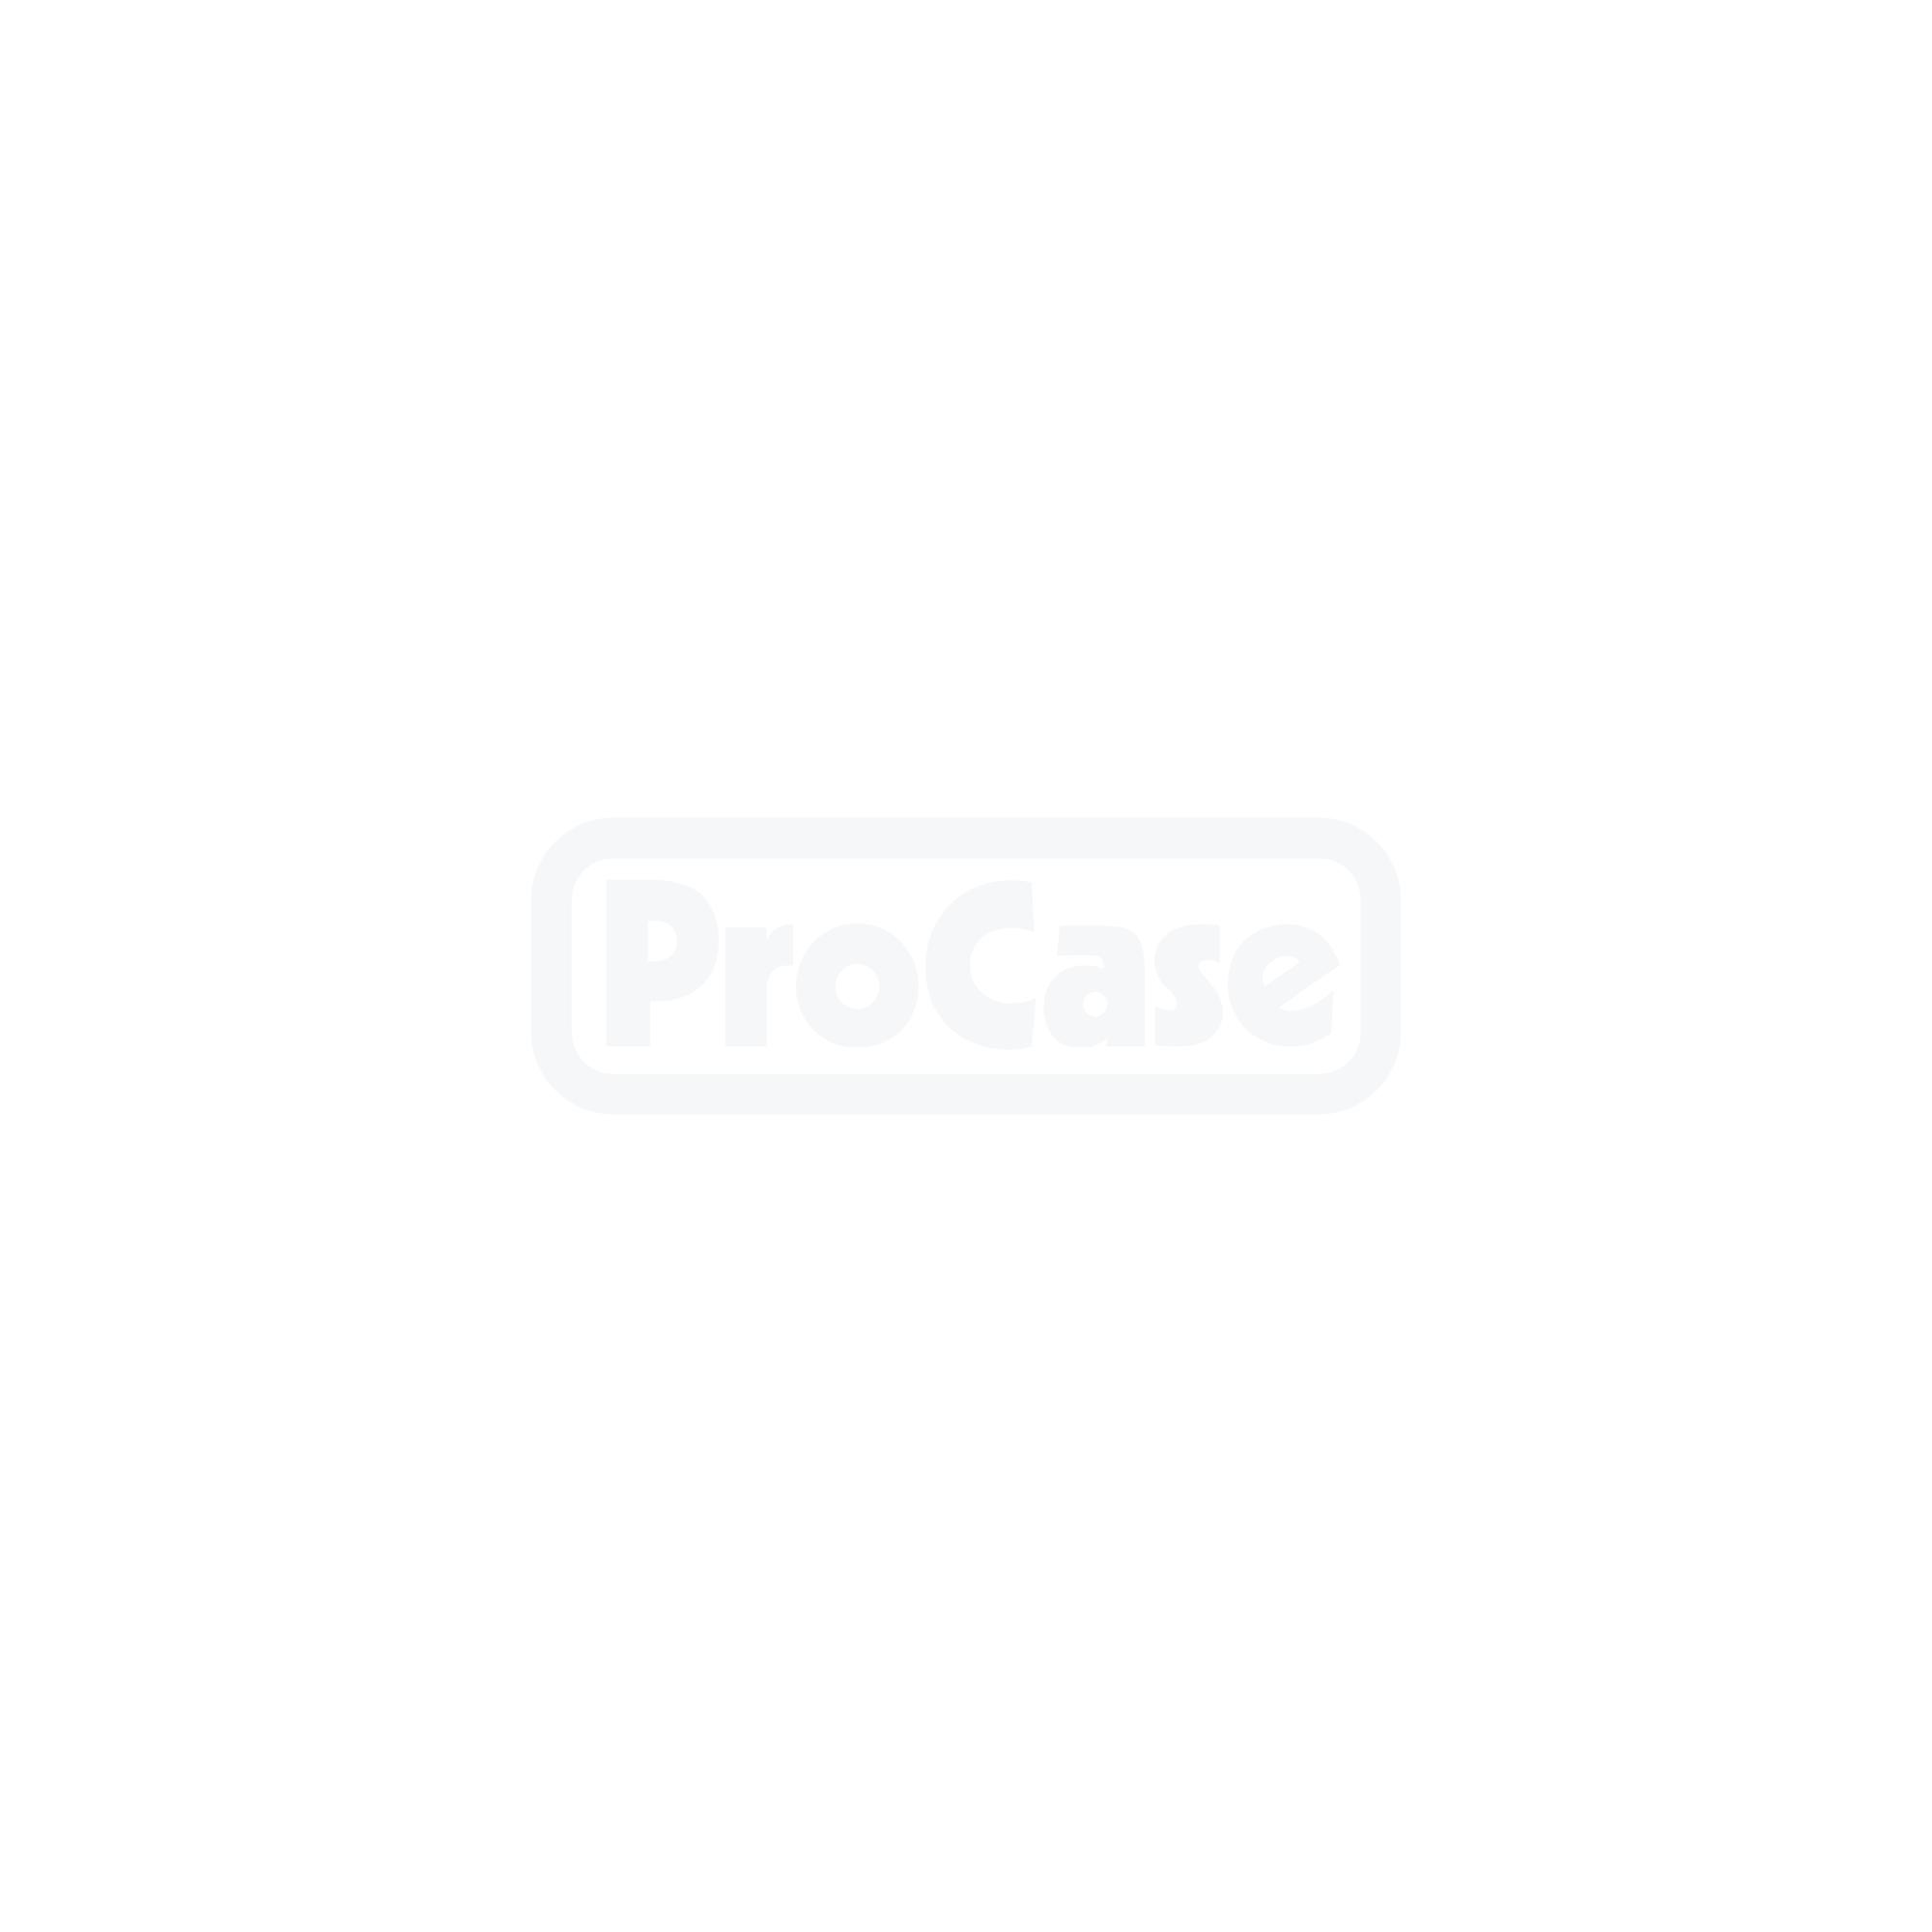 Packcase 4 mit Trolley und 4 Einschüben (Türvariante) 2